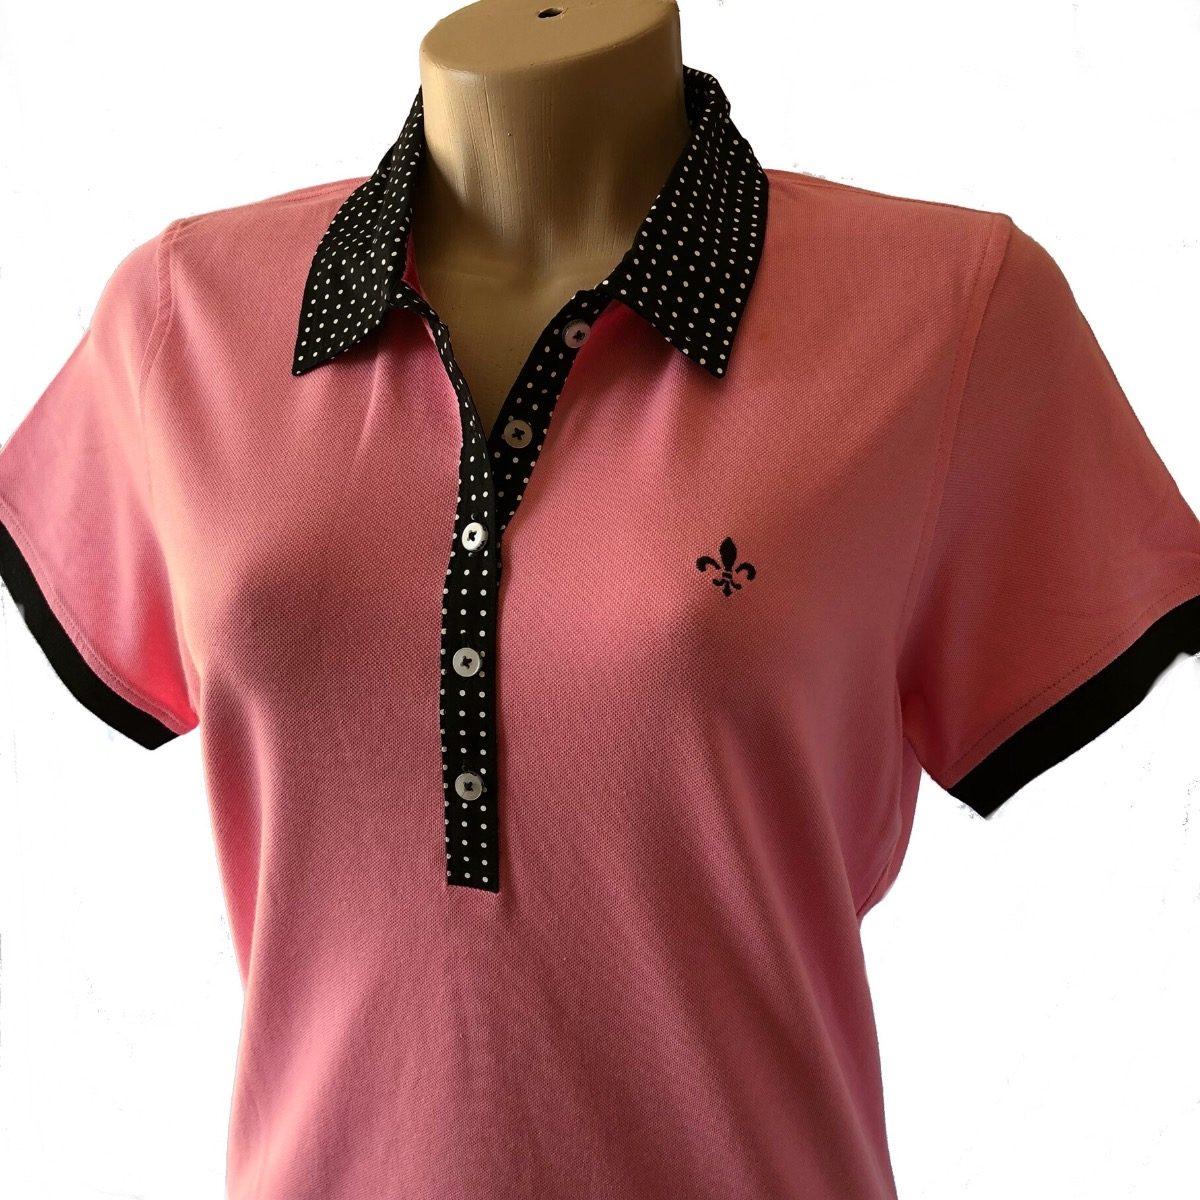 camisa polo feminina dudalina algodão pima original. Carregando zoom. 89dea420422